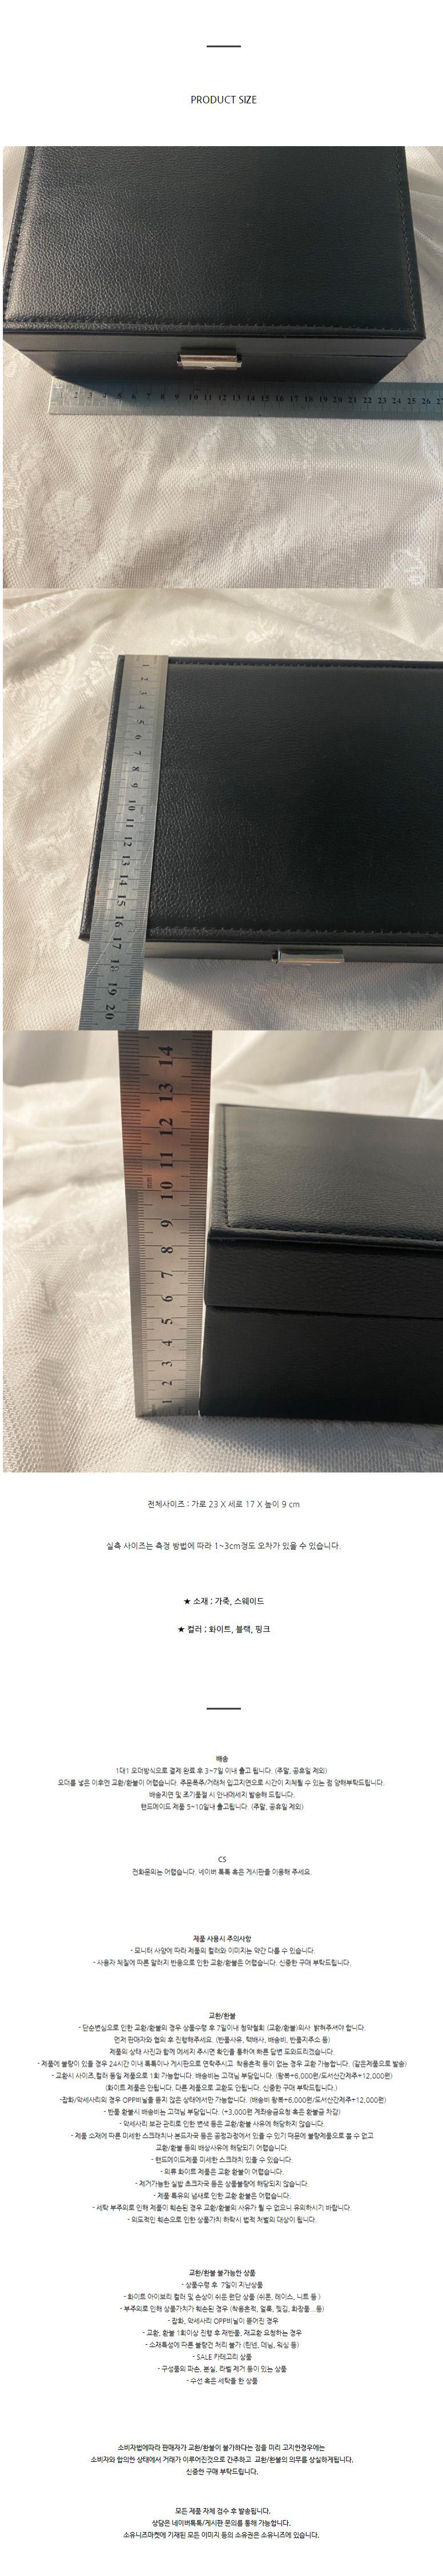 2단 악세사리 보관함 가죽 잠금장치 - 소유니즈마켓, 16,600원, 보관함/진열대, 주얼리보관함